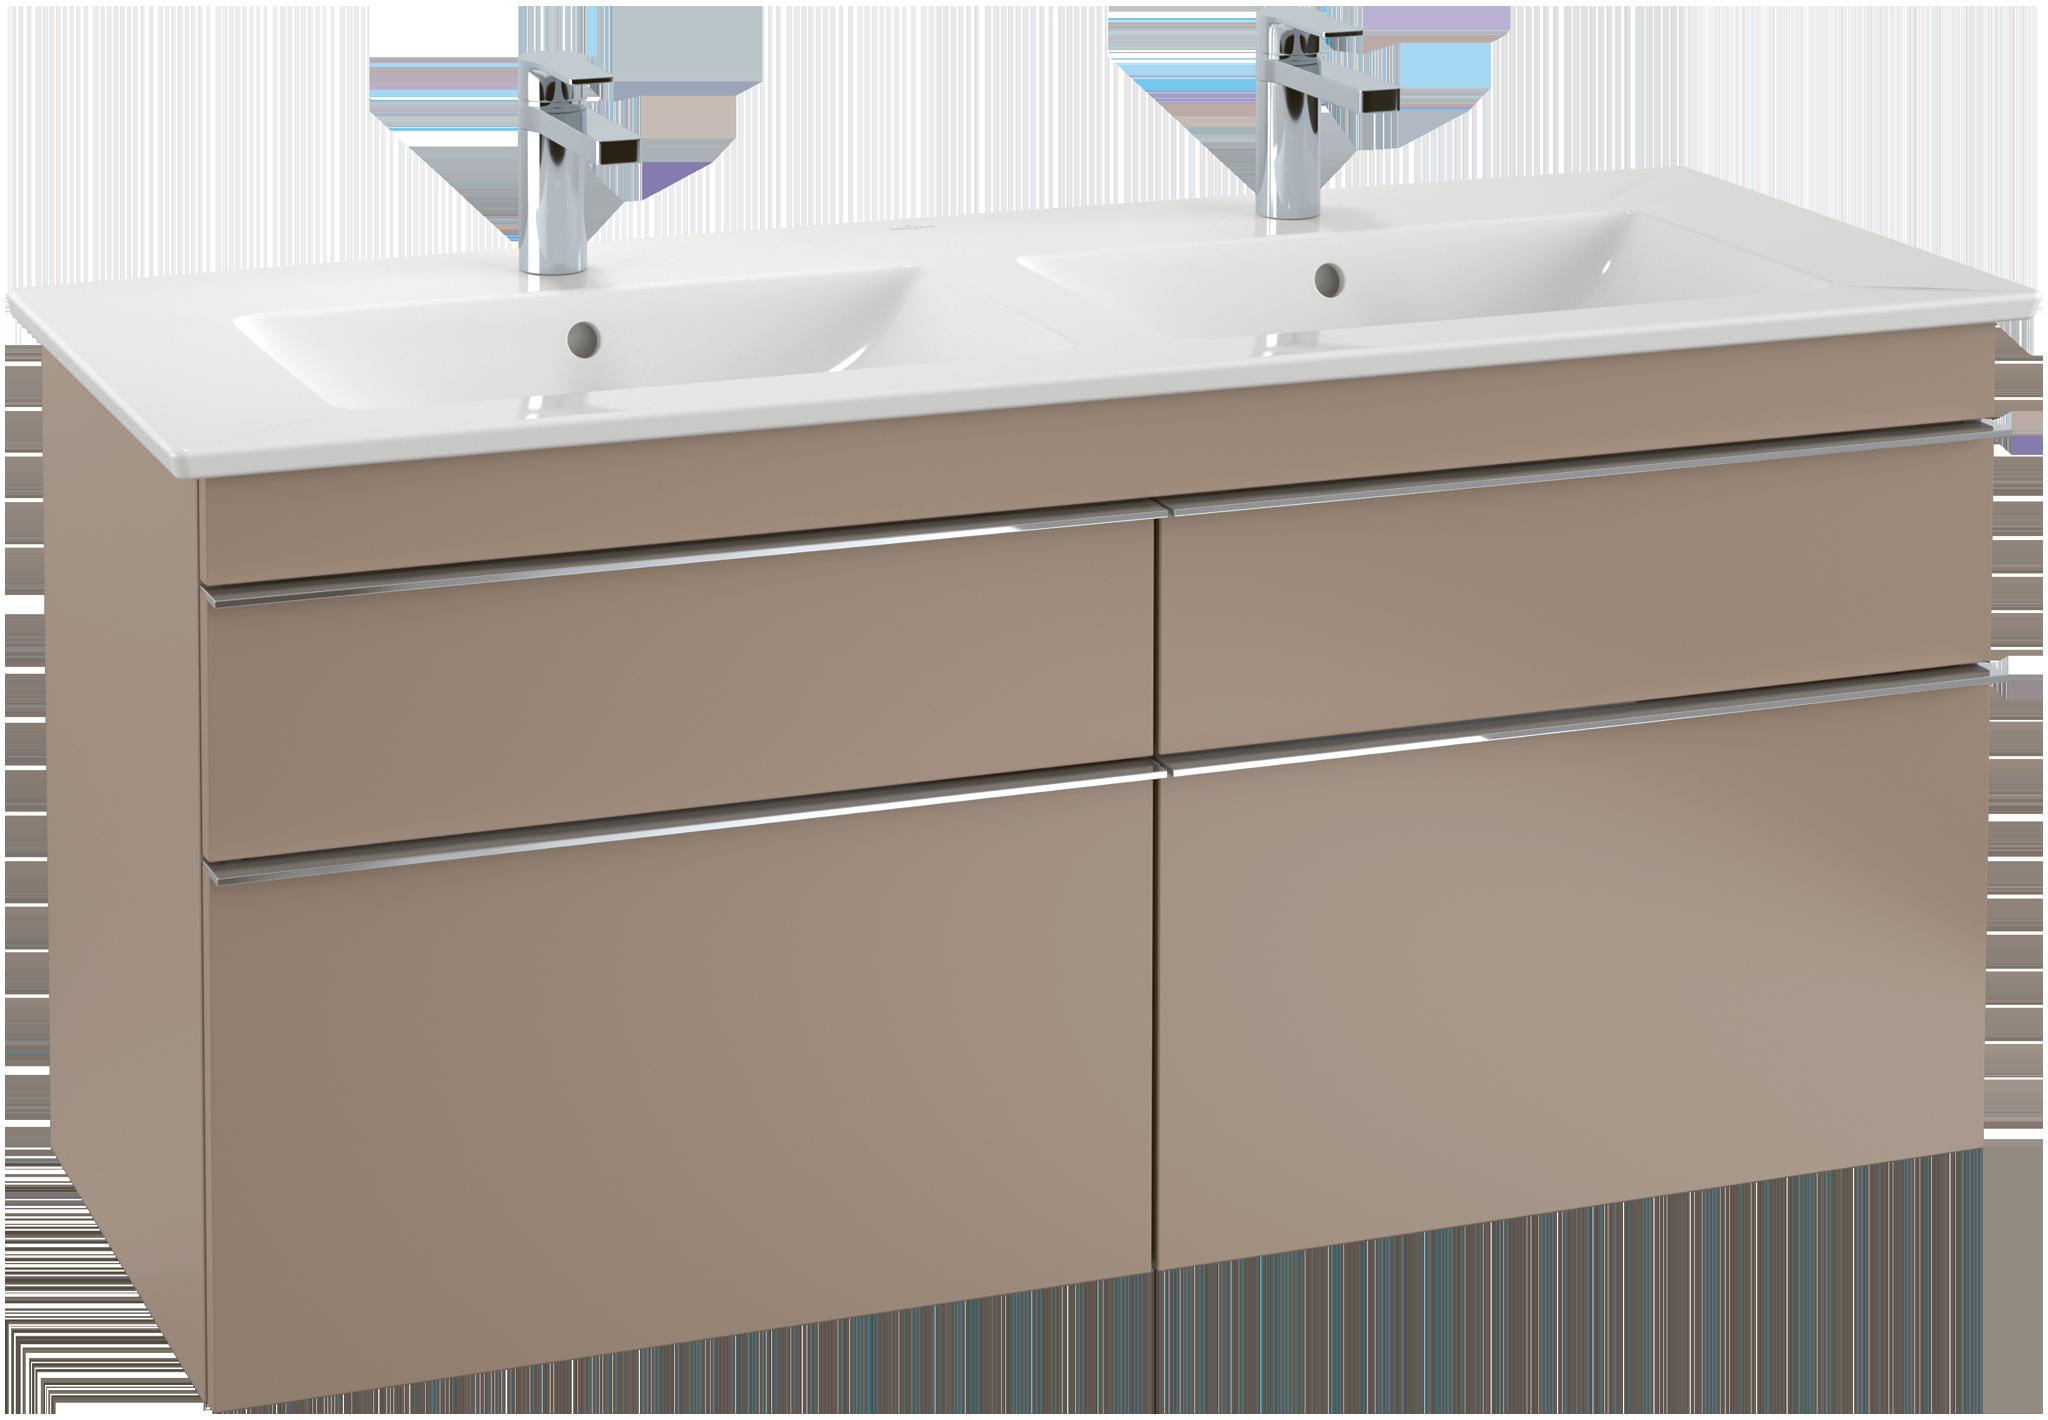 badkamerkastje voor onder wasbak badkamermeubel monteren